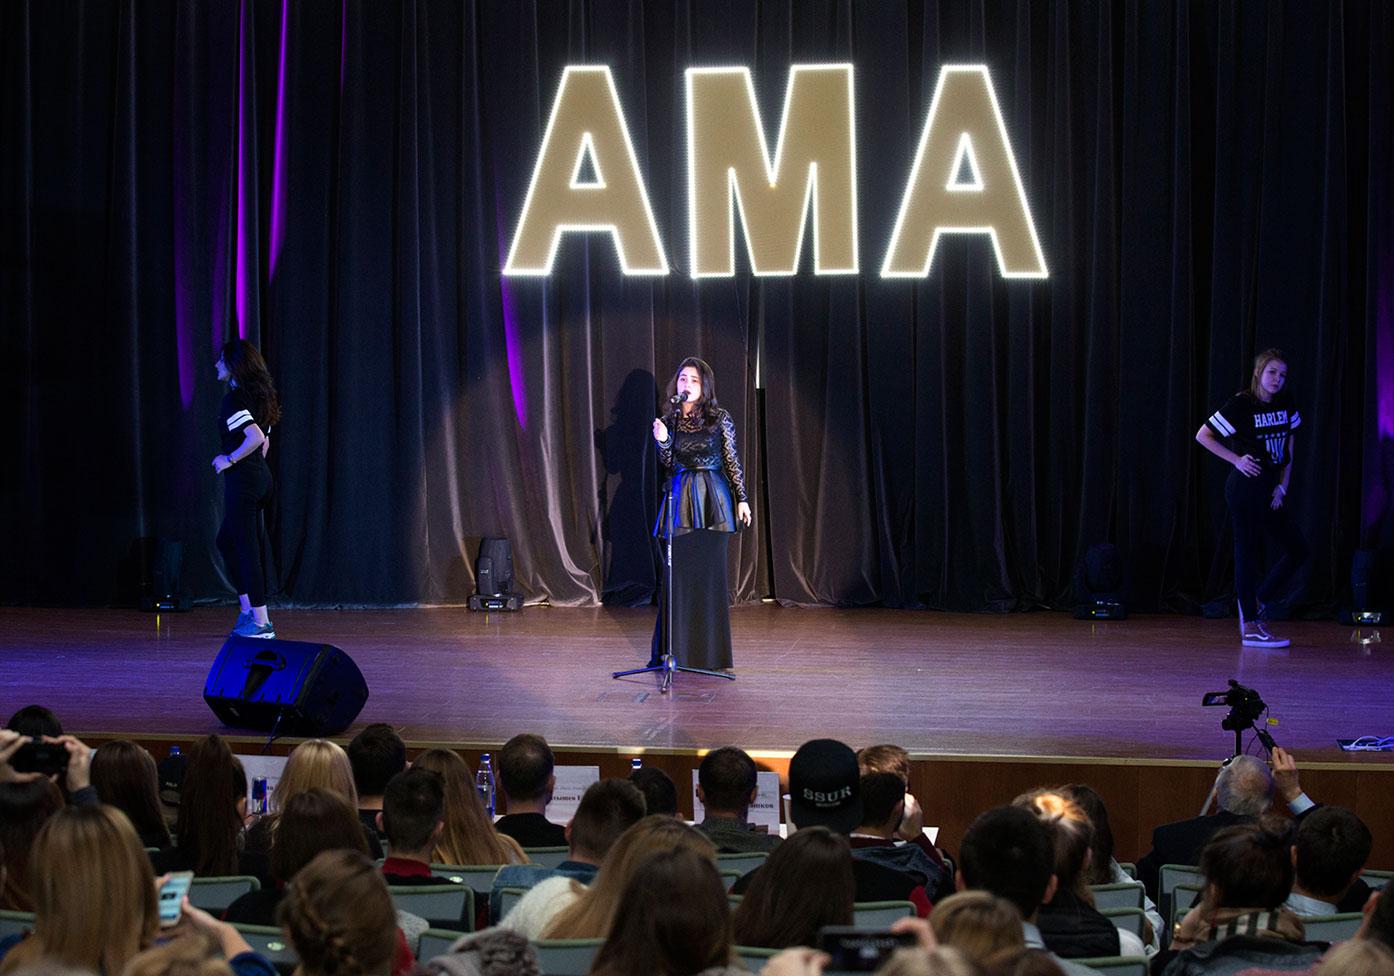 Определены победители Academic Music Awards – 2016 РАНХиГС. 2 место – Эльмира Абдуллаева, 1 курс, ИПиНБ